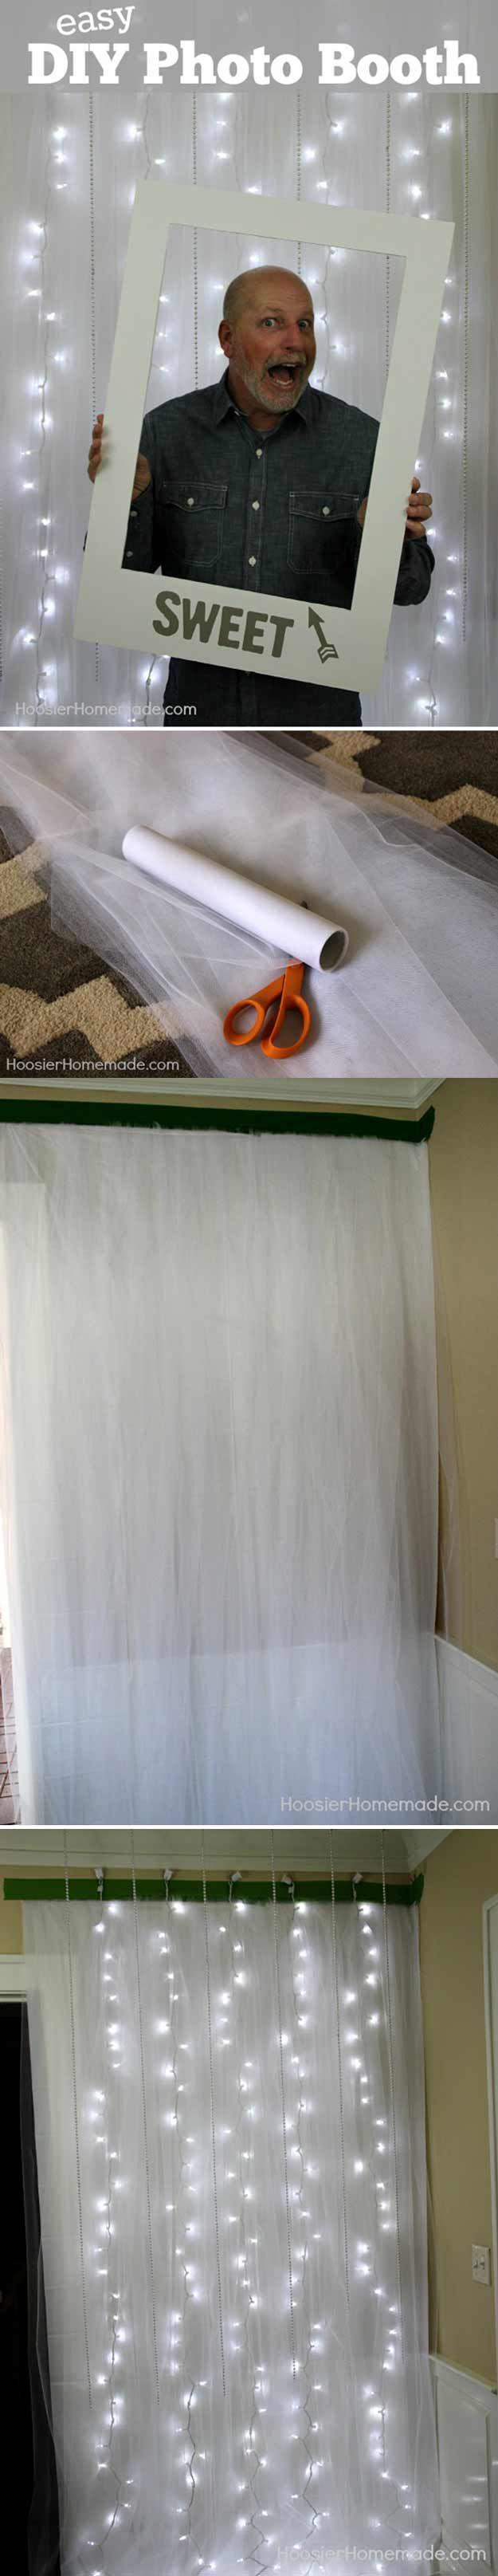 photo booth de tutu y luces??